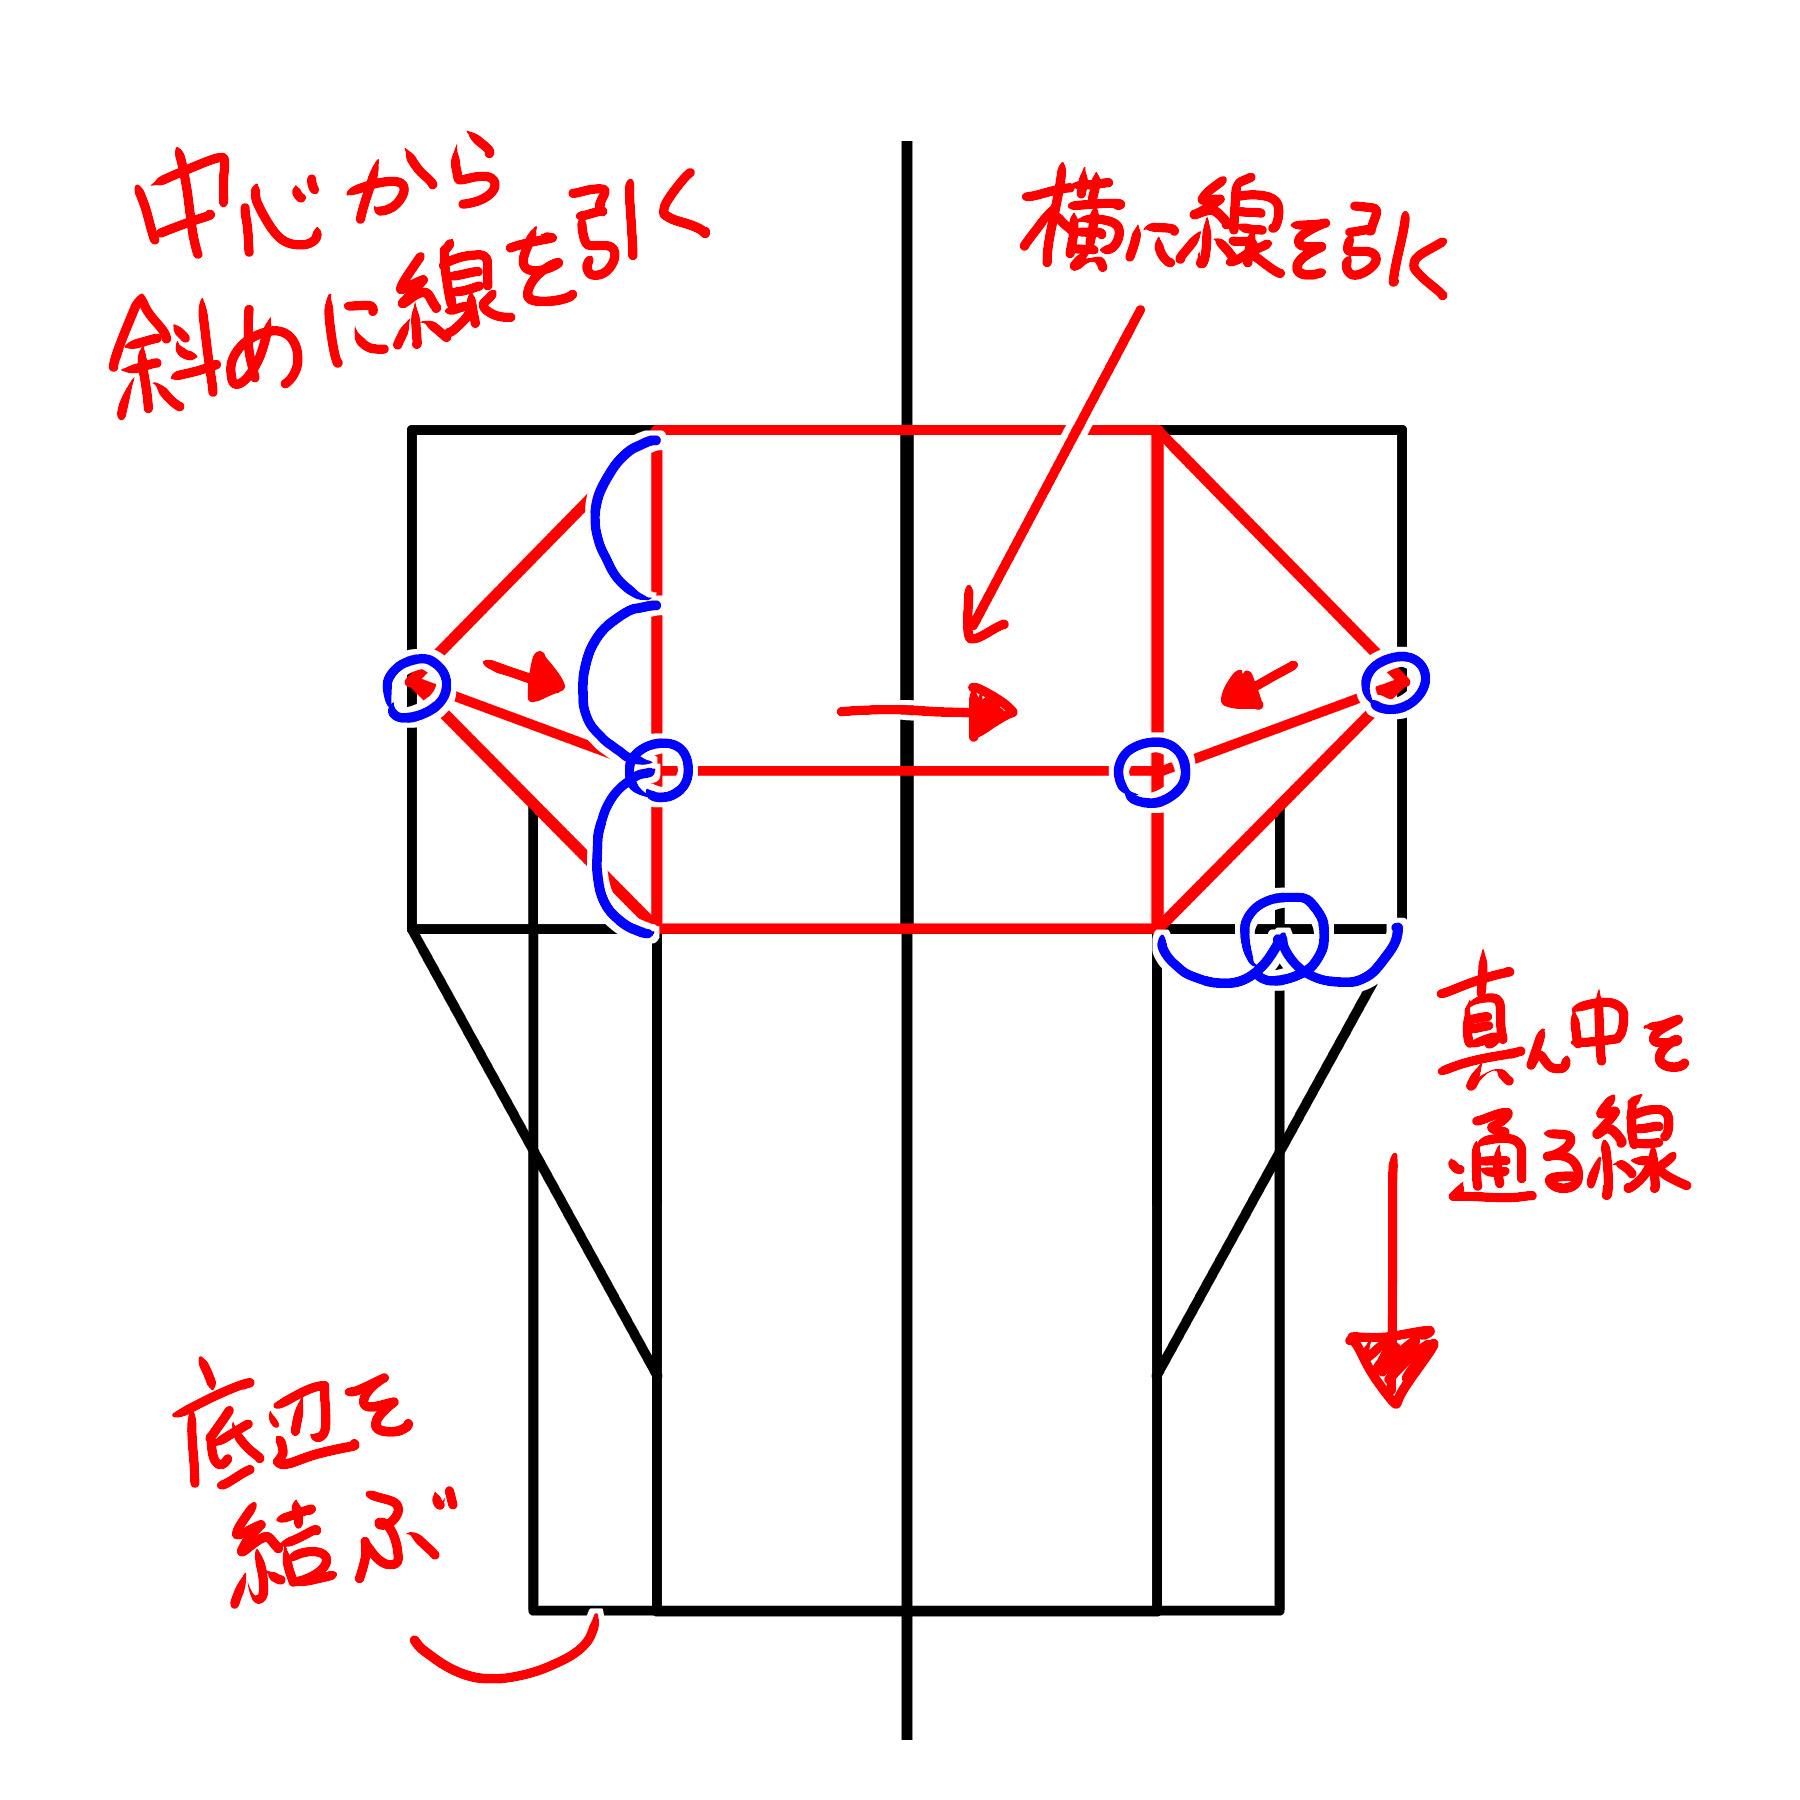 横の長方形の長辺を4等分した点を結んだ四角形の辺を3等分した点から横に線を引き、その点から横の短辺の中心点へ斜めの線を引きます。また、横の長方形の長辺を4等分した辺の中心を通るように線を縦の長方形の底辺まで引き、底辺同士を結びます。